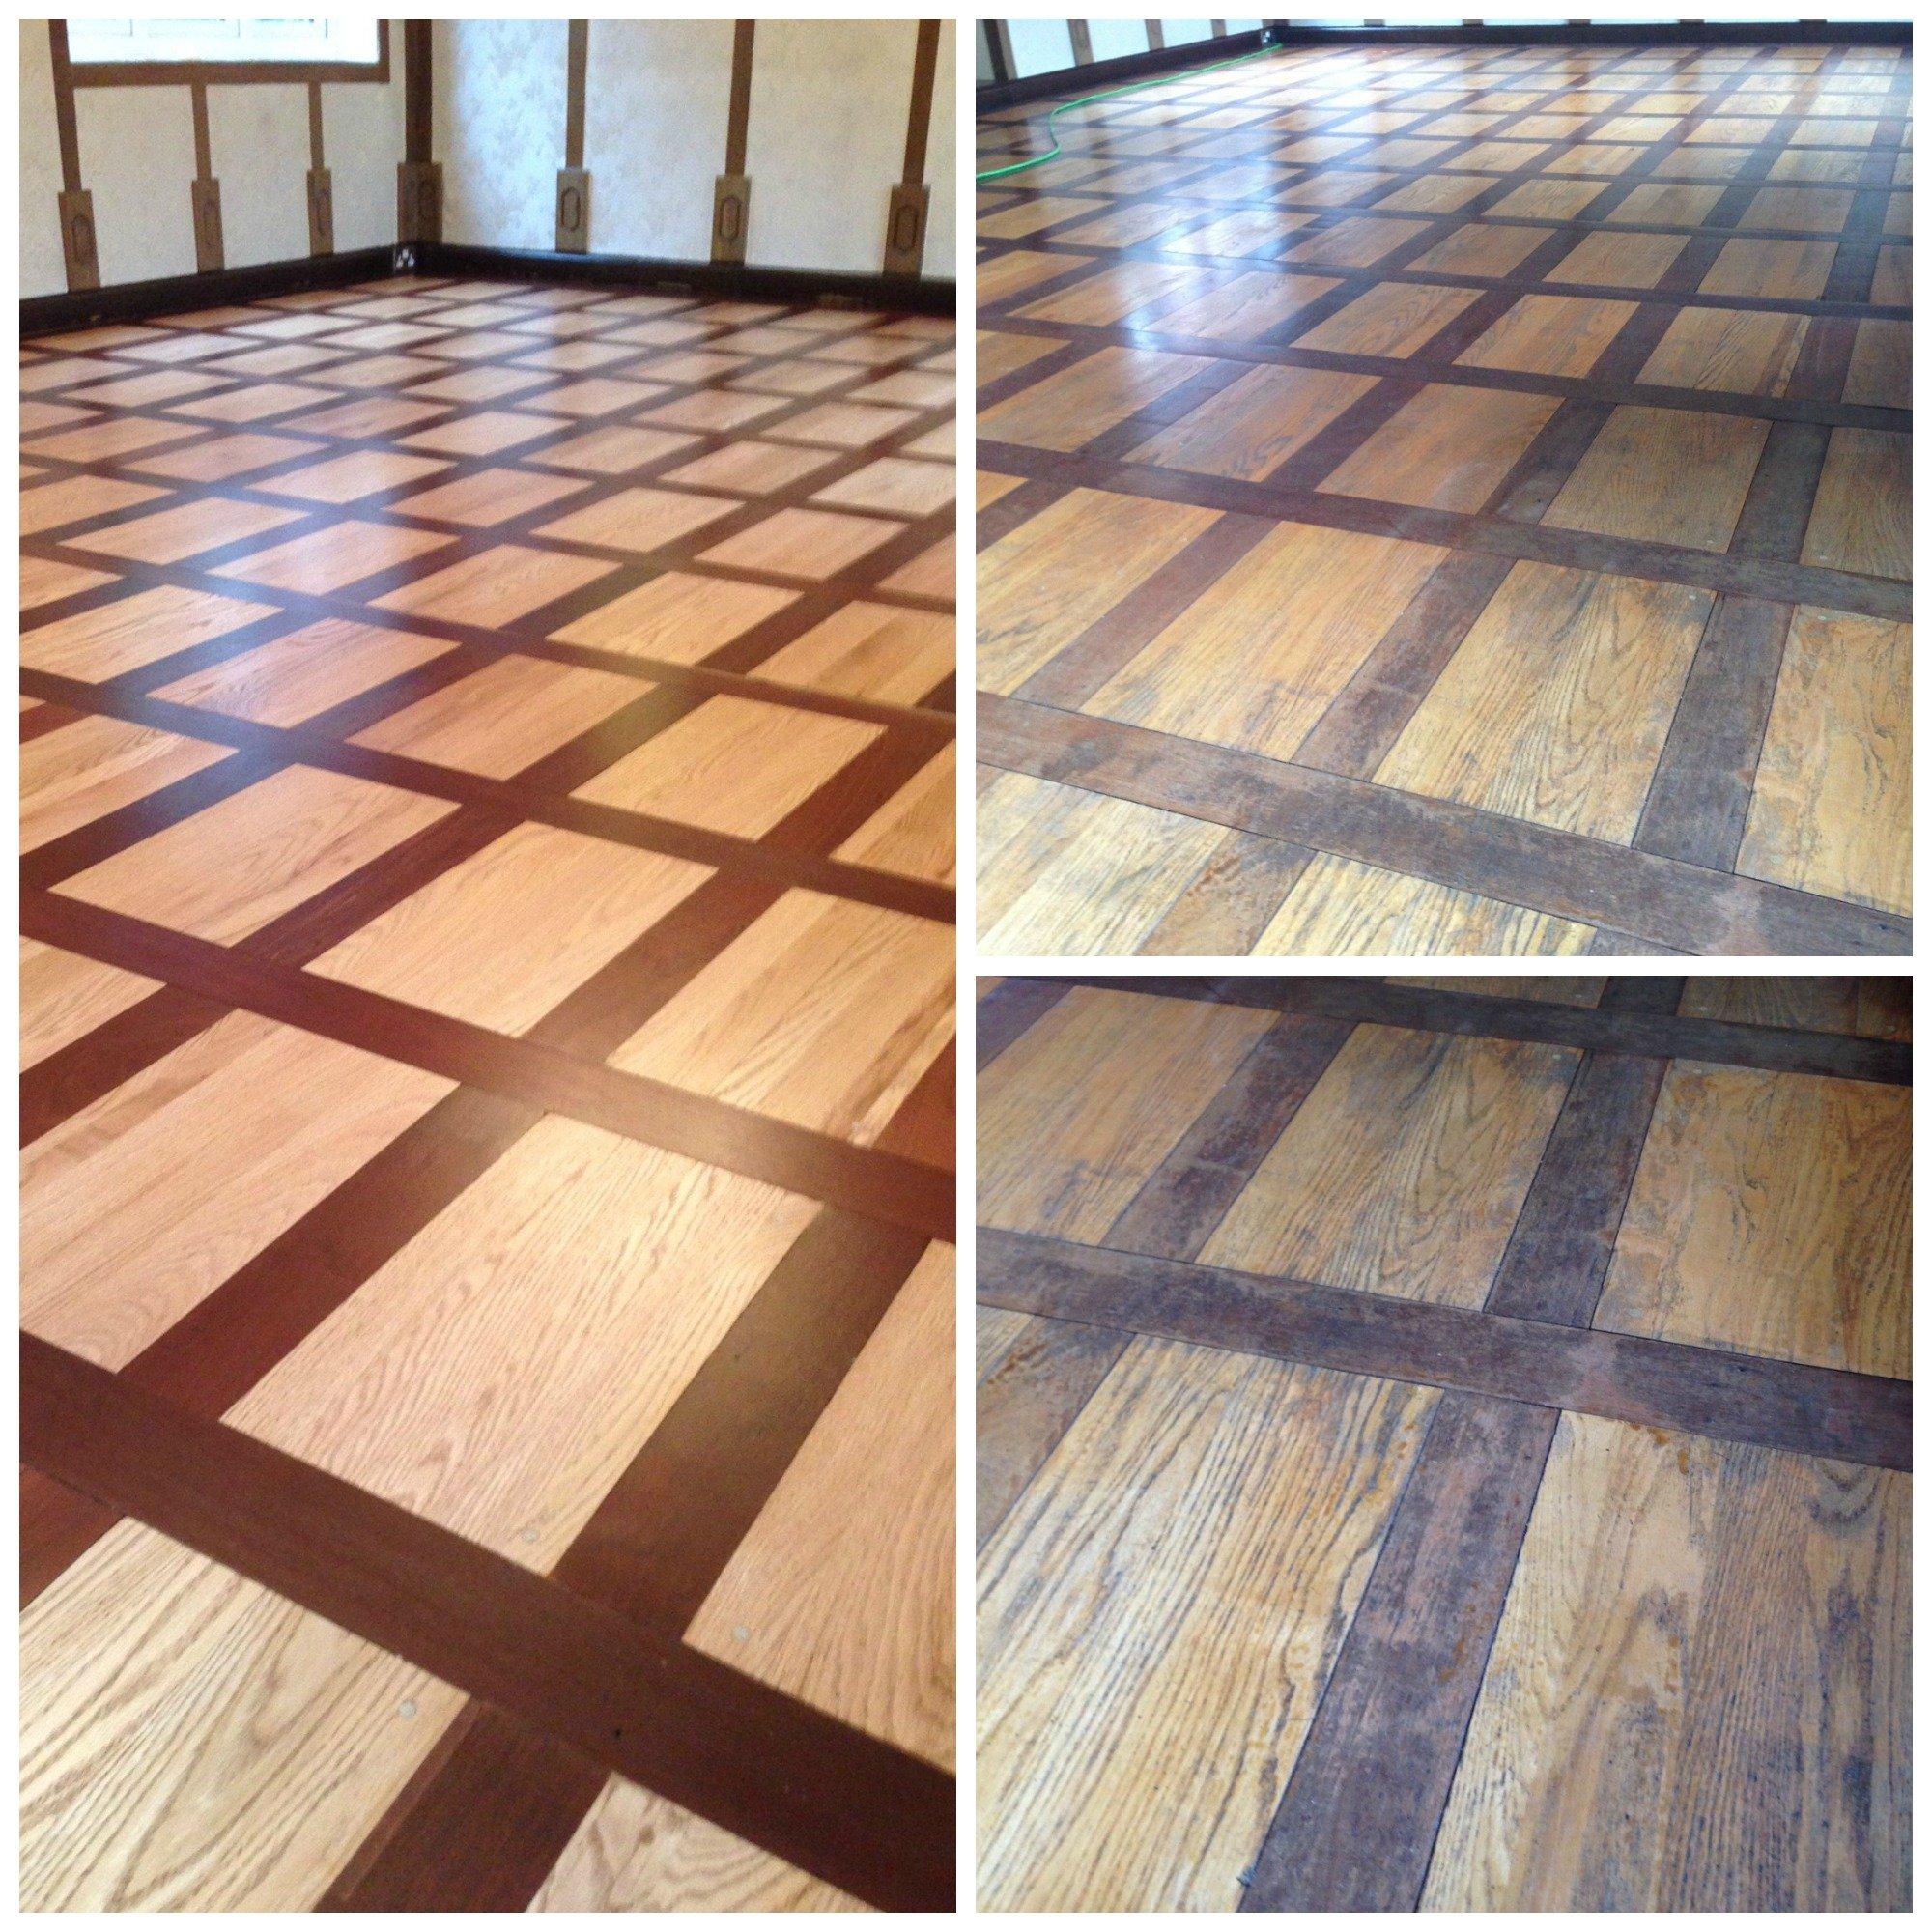 c chic our en blog gb floors midlimedoak flooring floor designflooring karndean portrait limed mid bathroom oak vintage retro